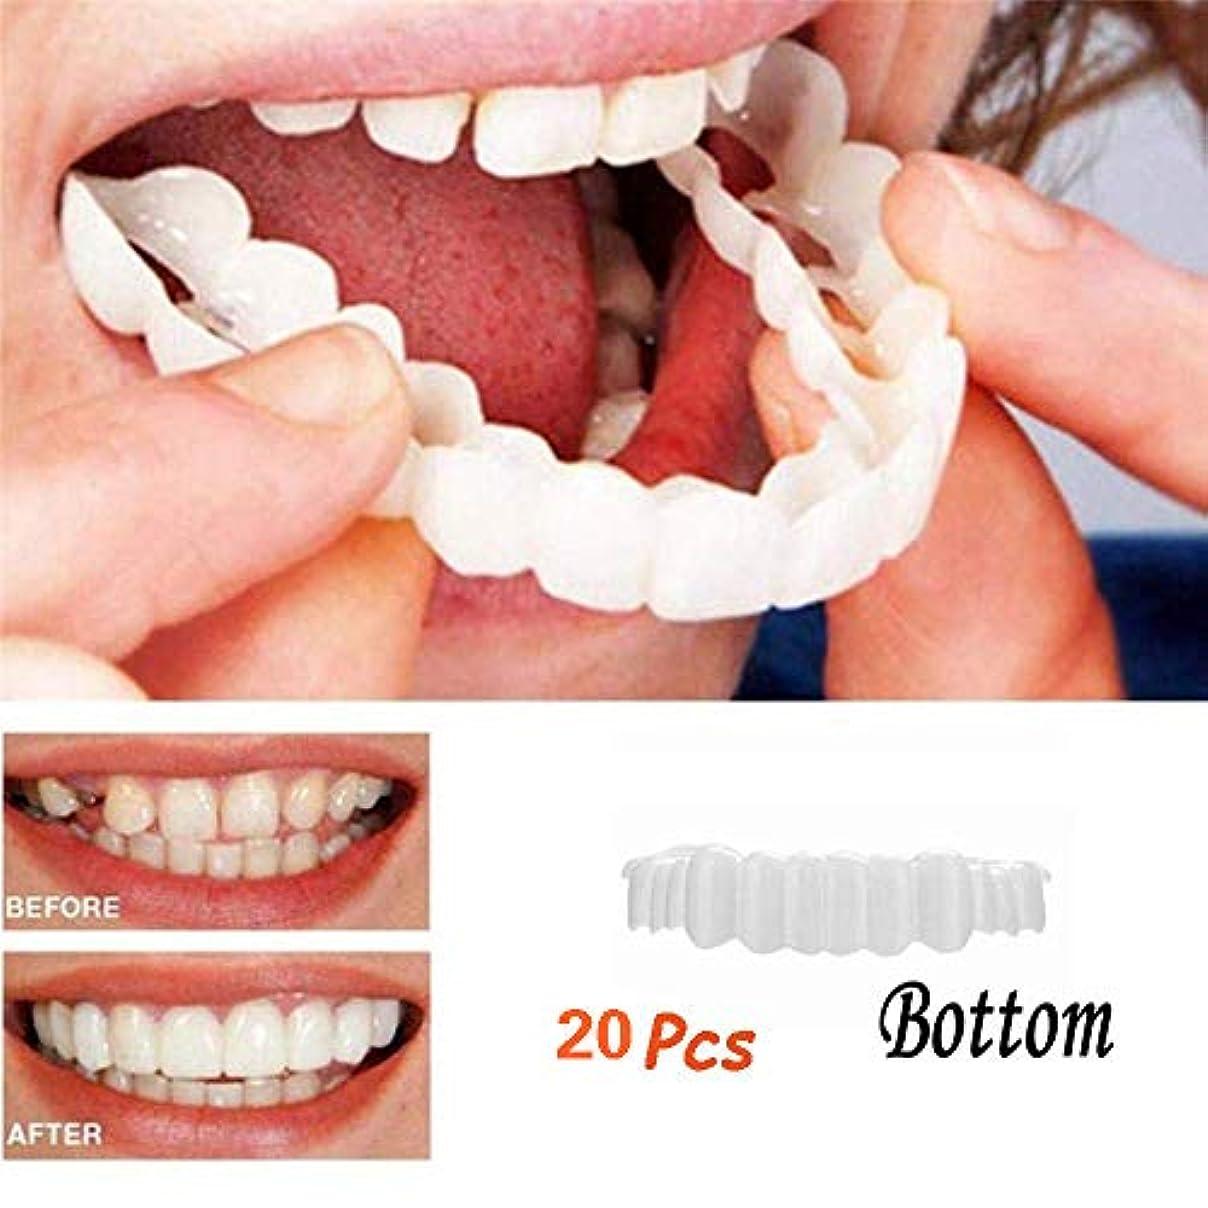 尾愚かハンディ20ピースボトム化粧品歯コンフォートフィットフレックス化粧品歯コーブ義歯歯のホワイトニングスナップオンインスタント笑顔サイズフィット